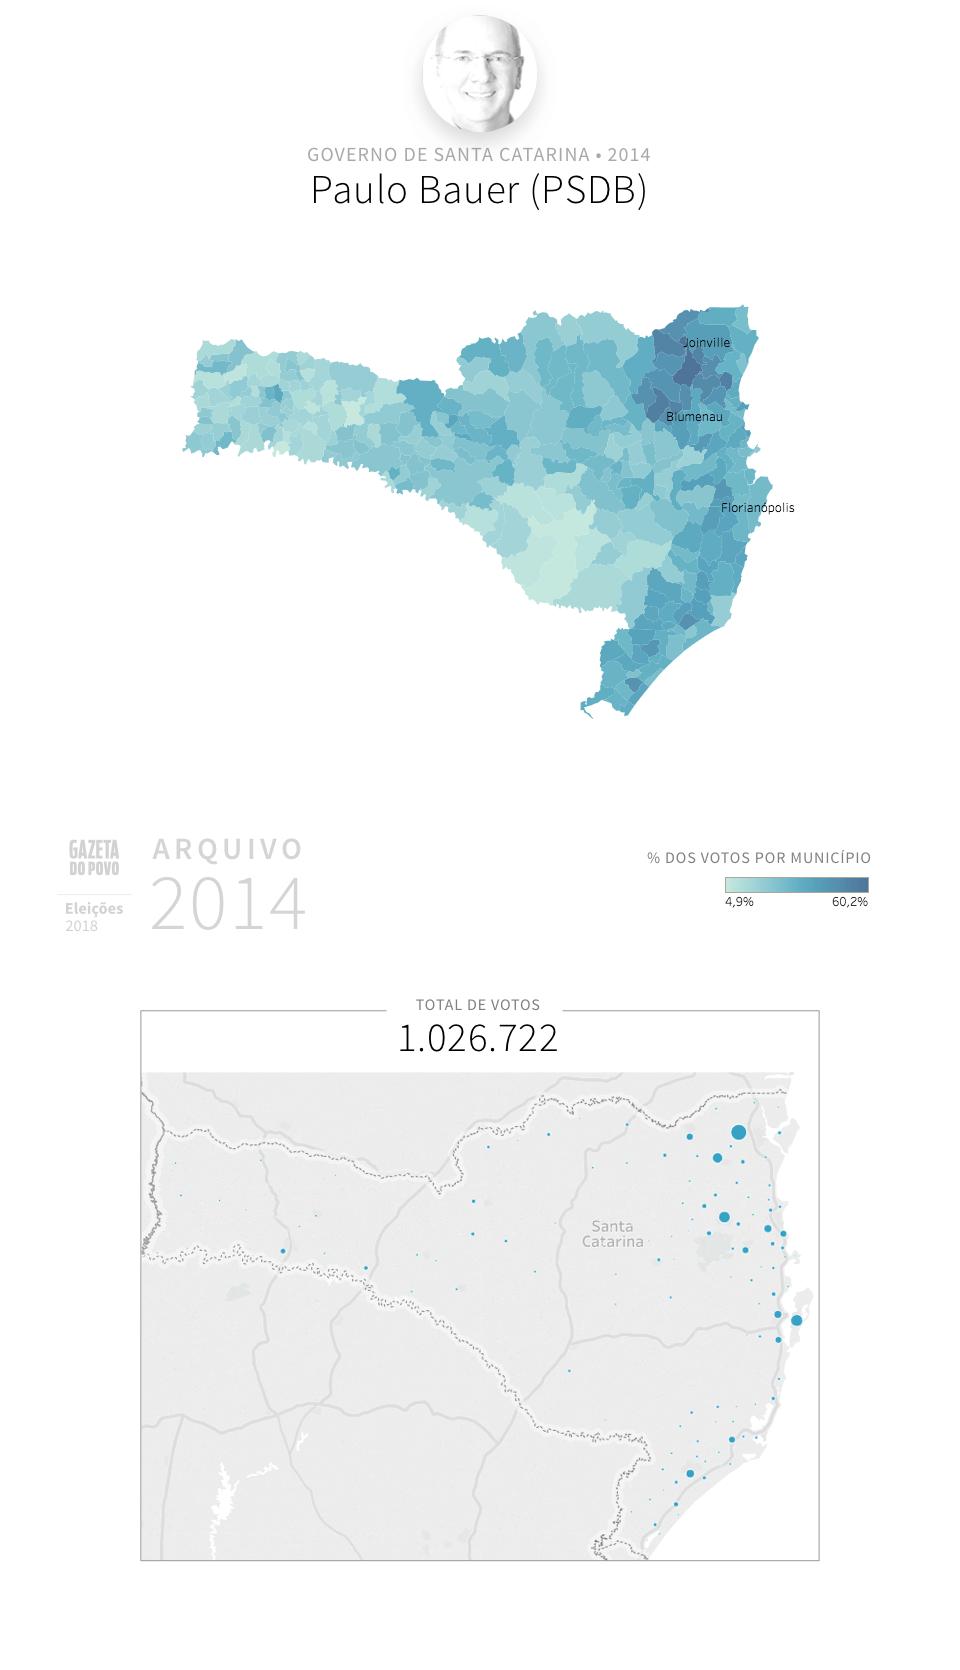 Desempenho do PSDB em Santa Catarina em 2014, na eleição para governador de Santa Catarina. Em % do total de votos em cada município.